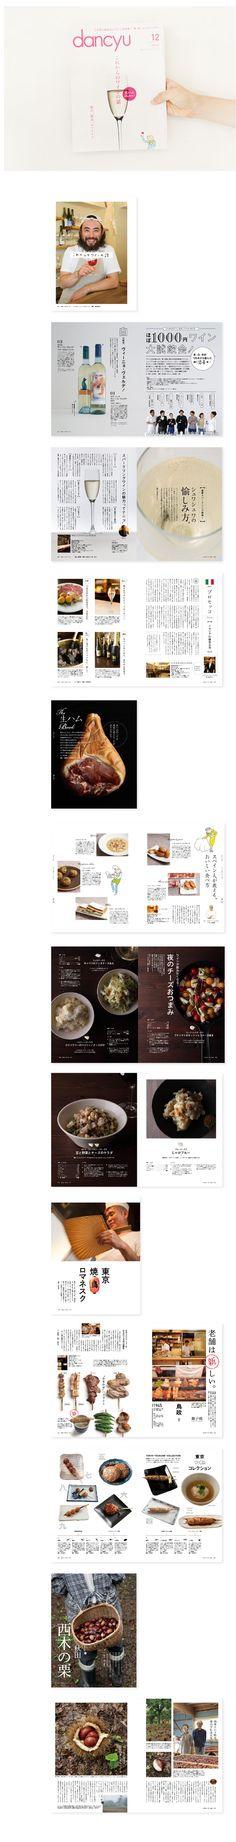 Inspiración catalogo/dosier http://www.nakamuragraph.com/